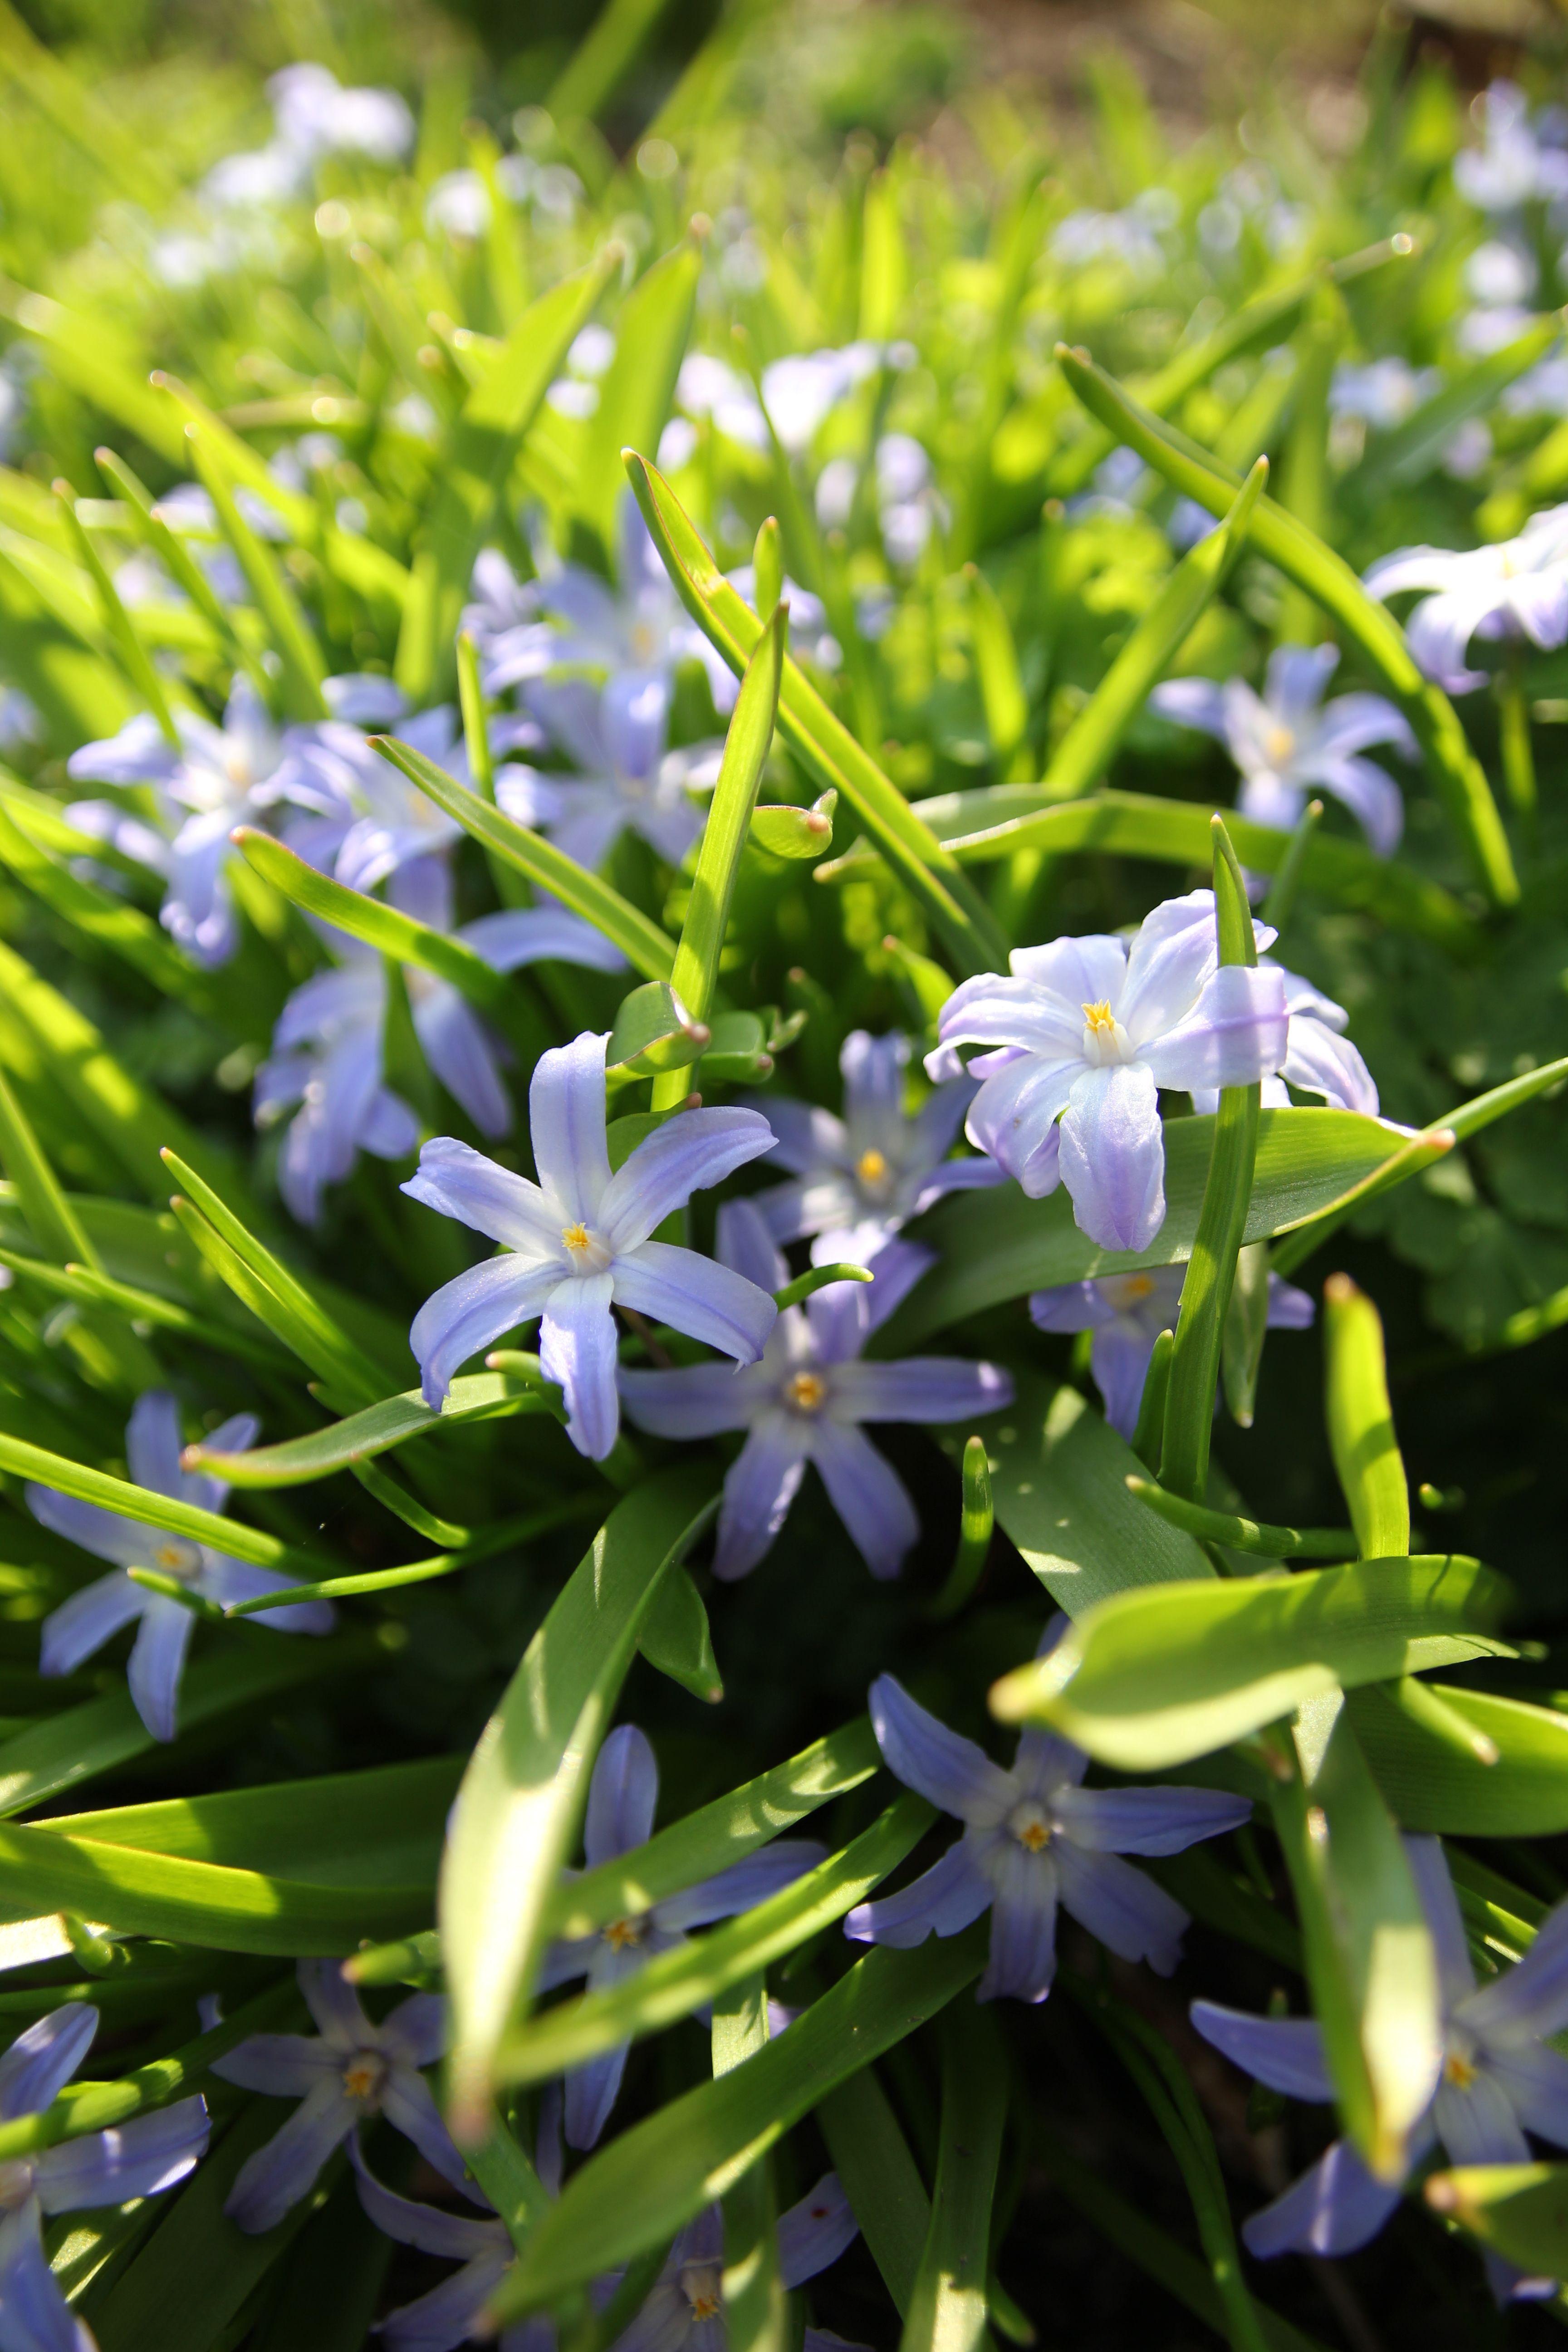 Chionodoxa Chionodoxa Assorted Spring Blooming Bulbs Pinterest